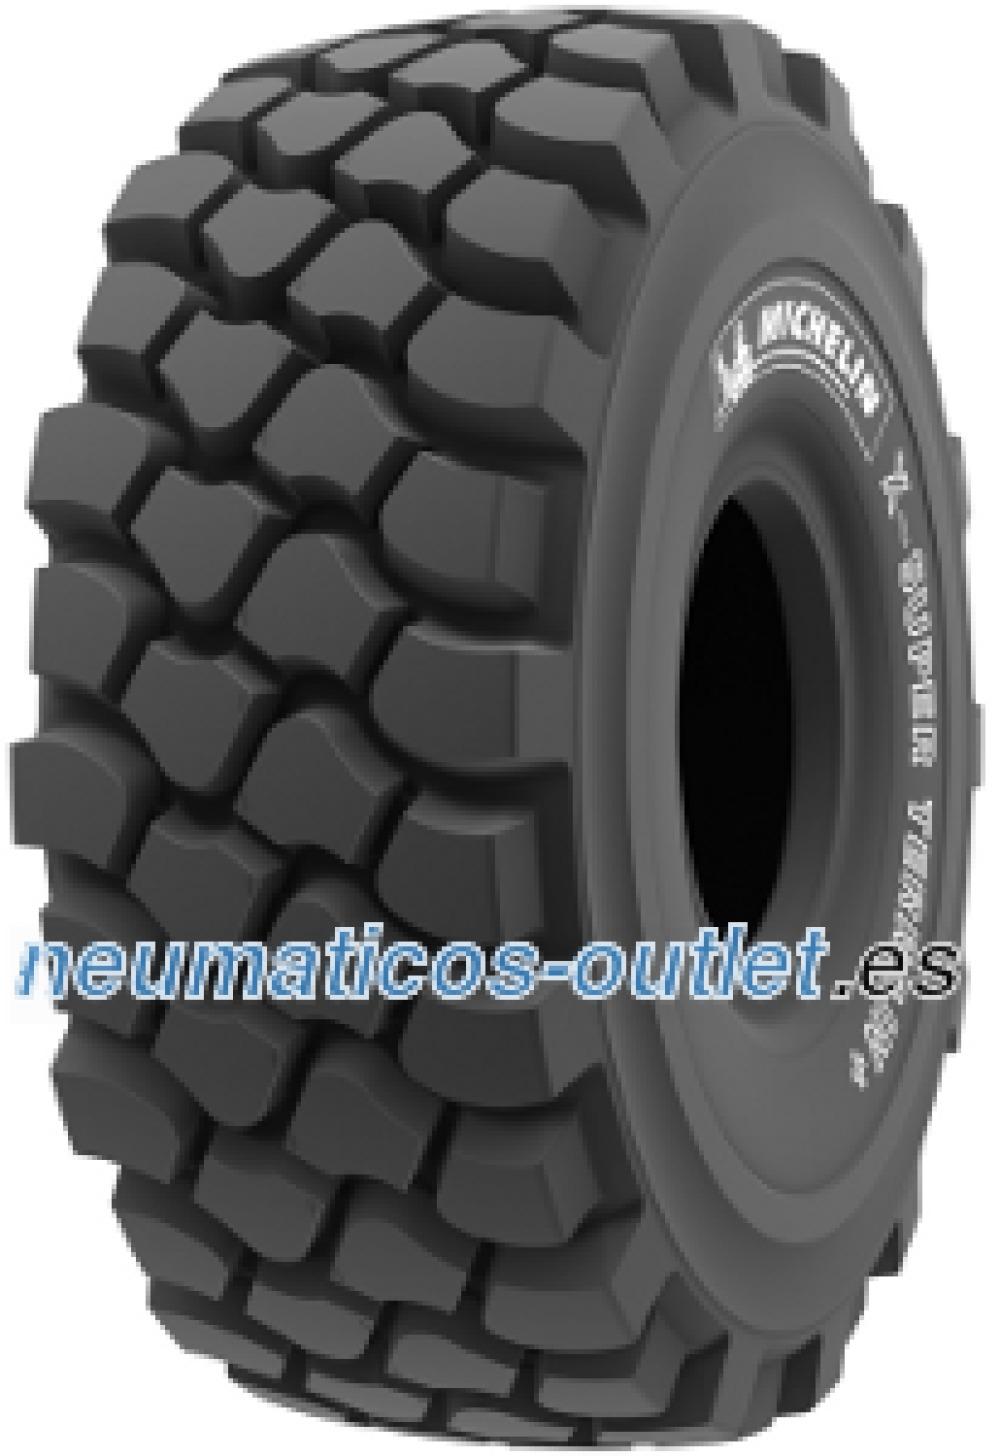 Michelin X-Super Terrain + ( 23.5 R25 185B TL Tragfähigkeit ** )